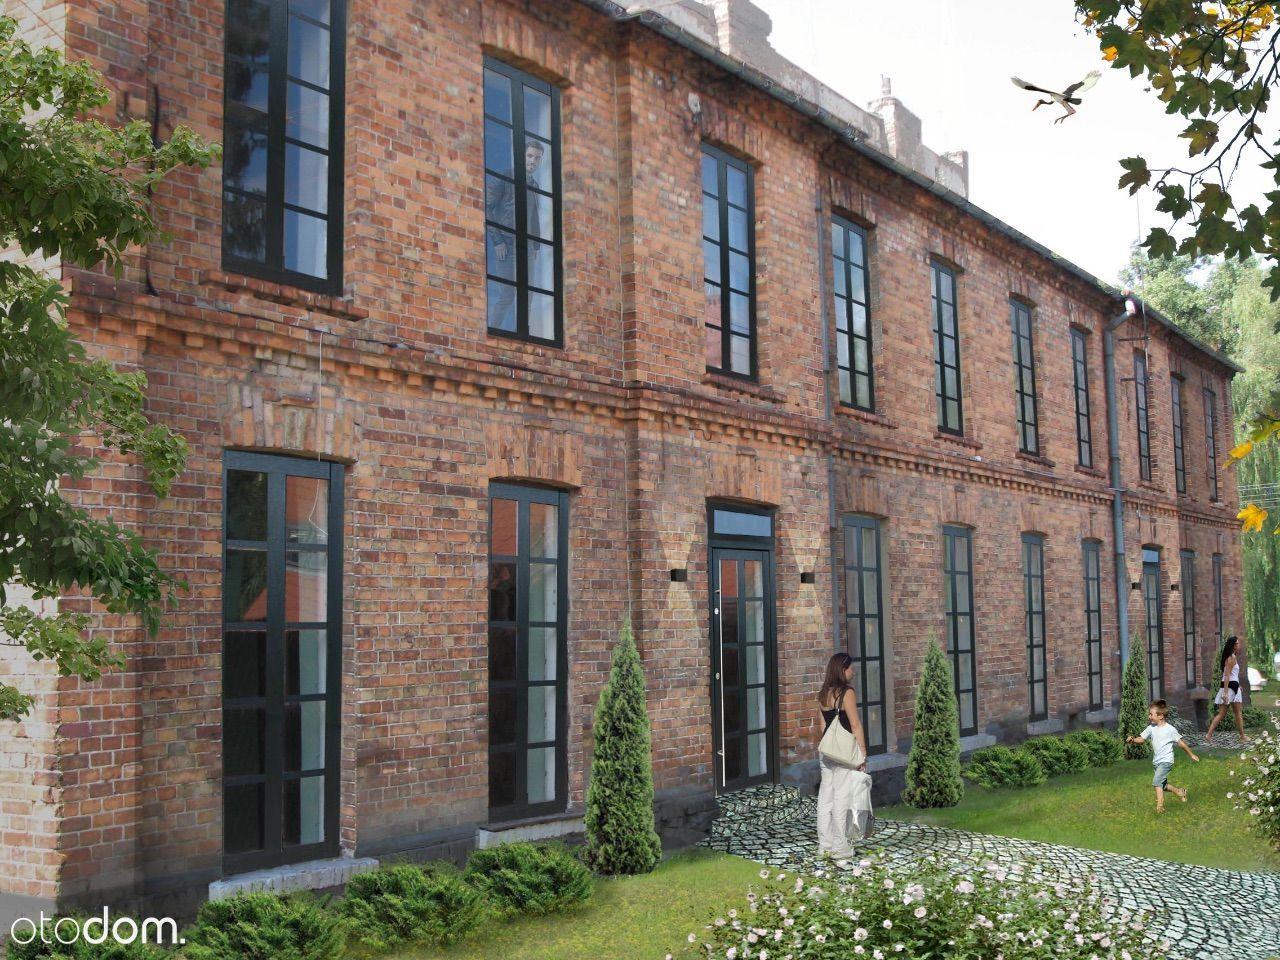 Dom na sprzedaż, Pułtusk, pułtuski, mazowieckie - Foto 6